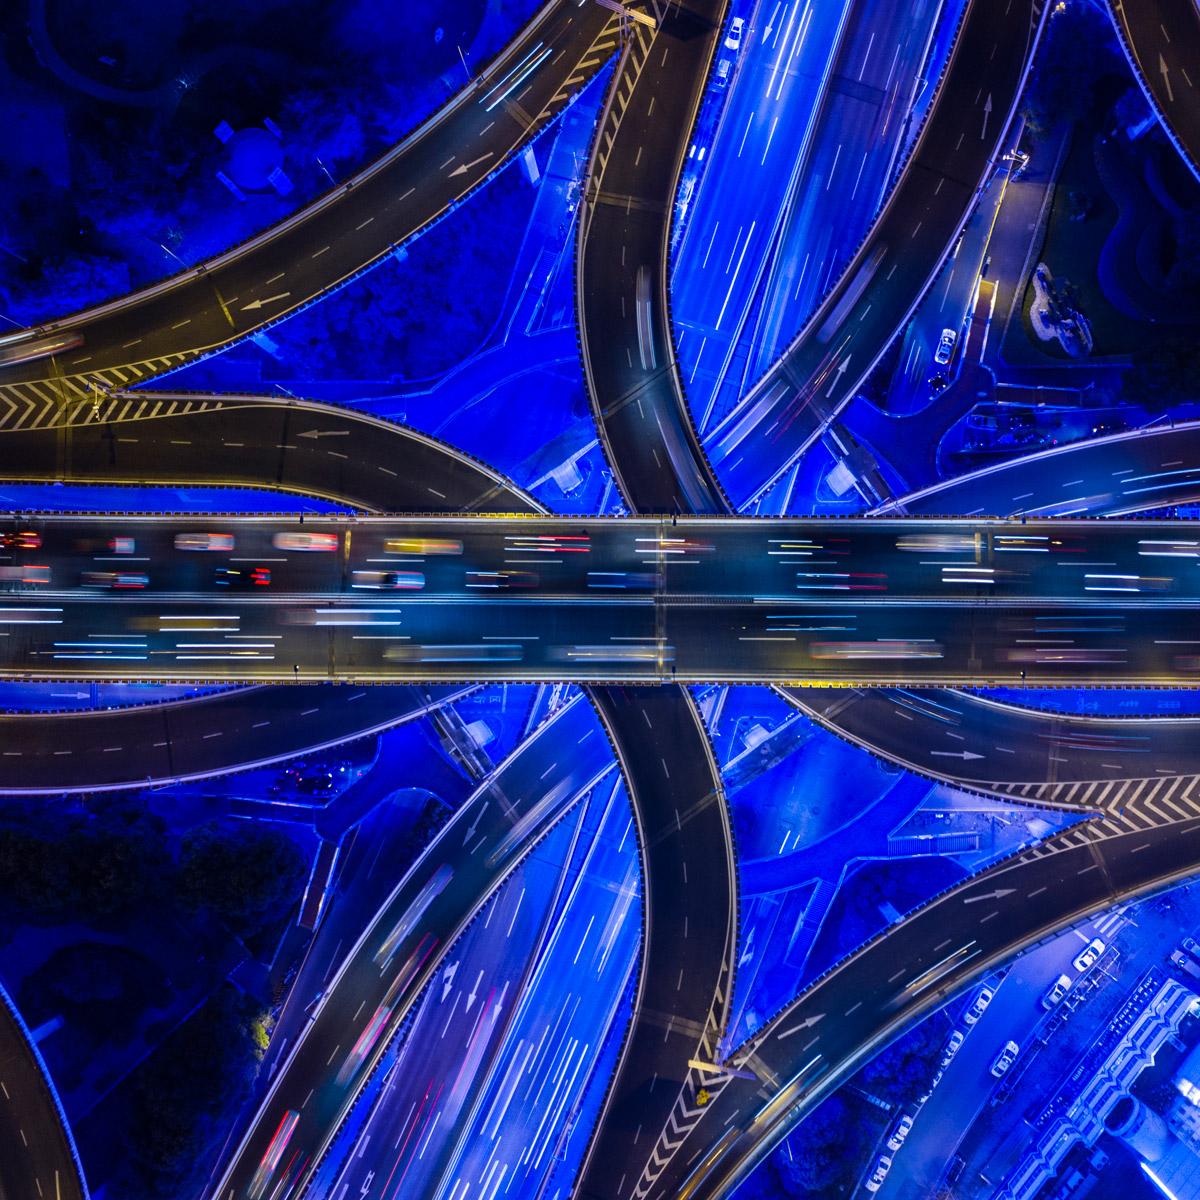 foto van bovenaf van een netwerk van snelwegen die over elkaar heen lopen in blauw